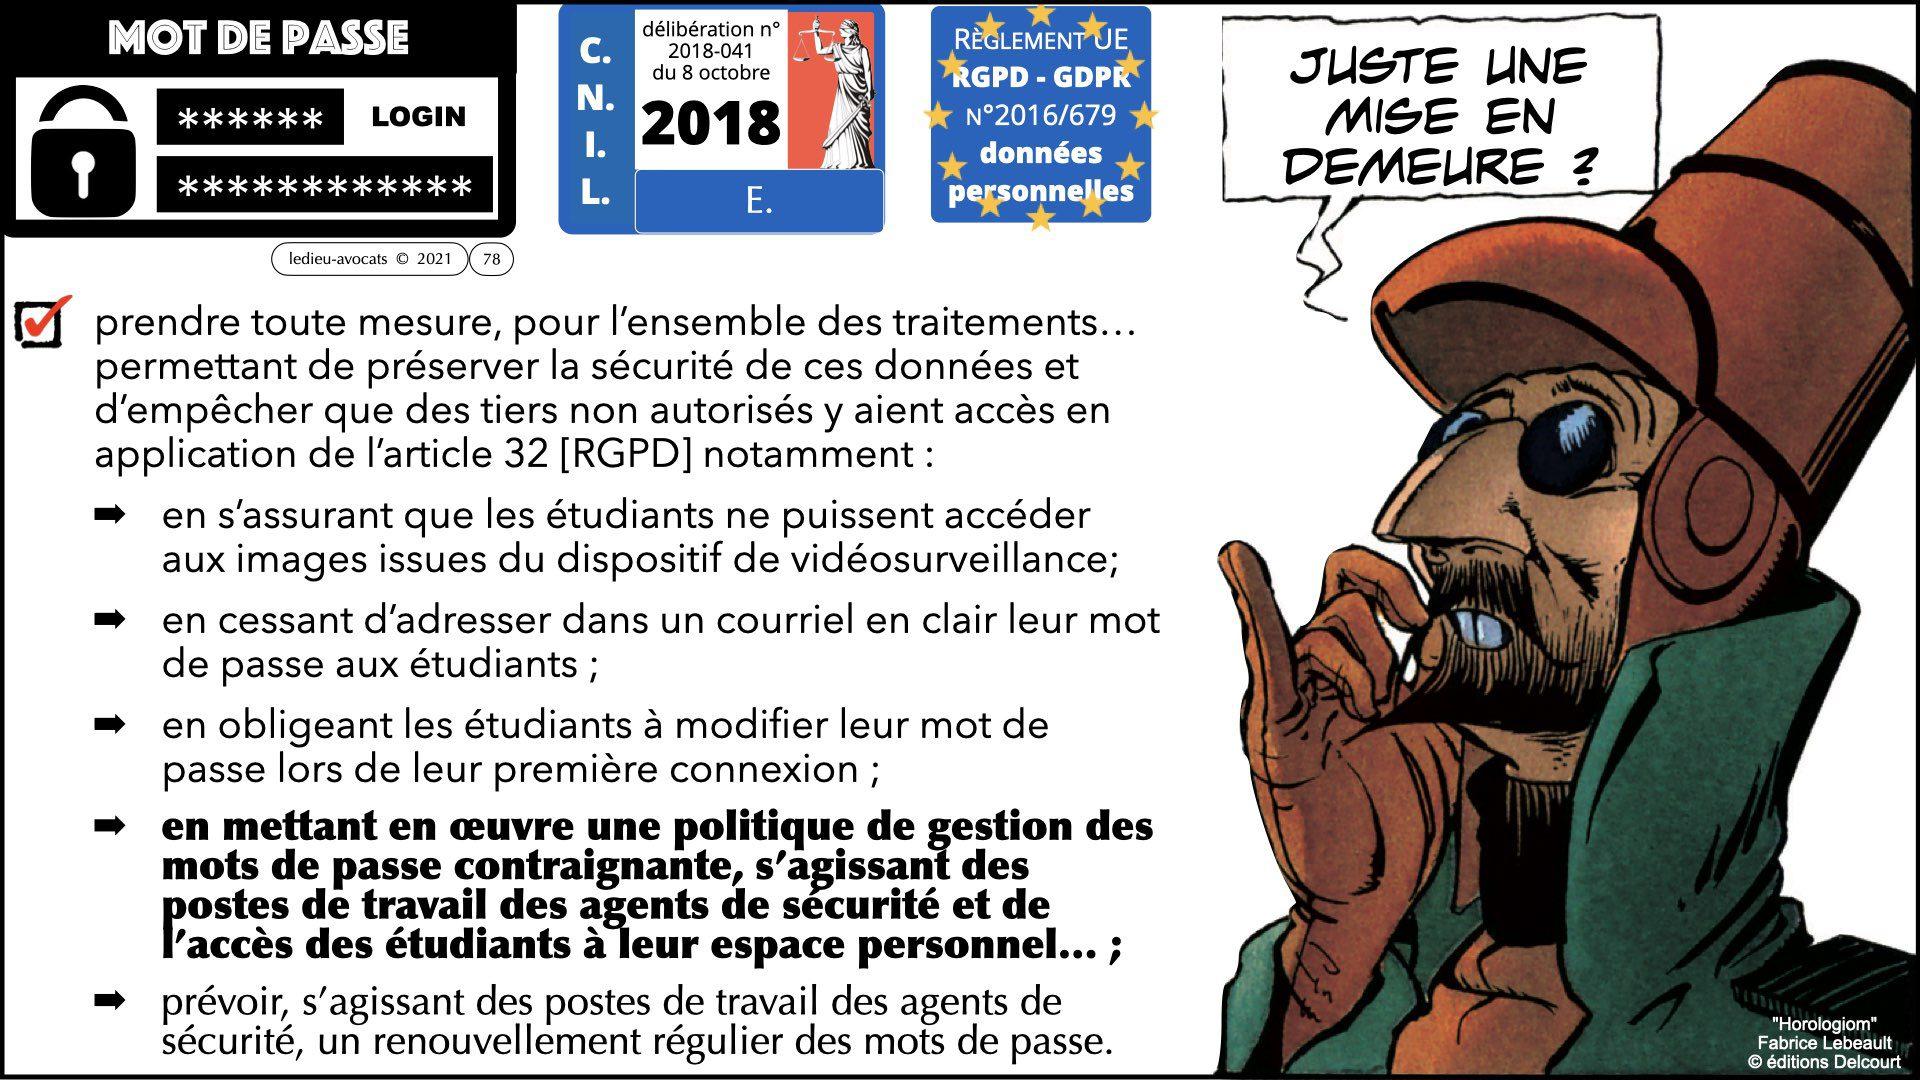 342 droit mot de passe OIV OSE ANALYSE de RISQUE EBIOS RM © Ledieu-Avocats technique droit numérique 05-09-2021.008